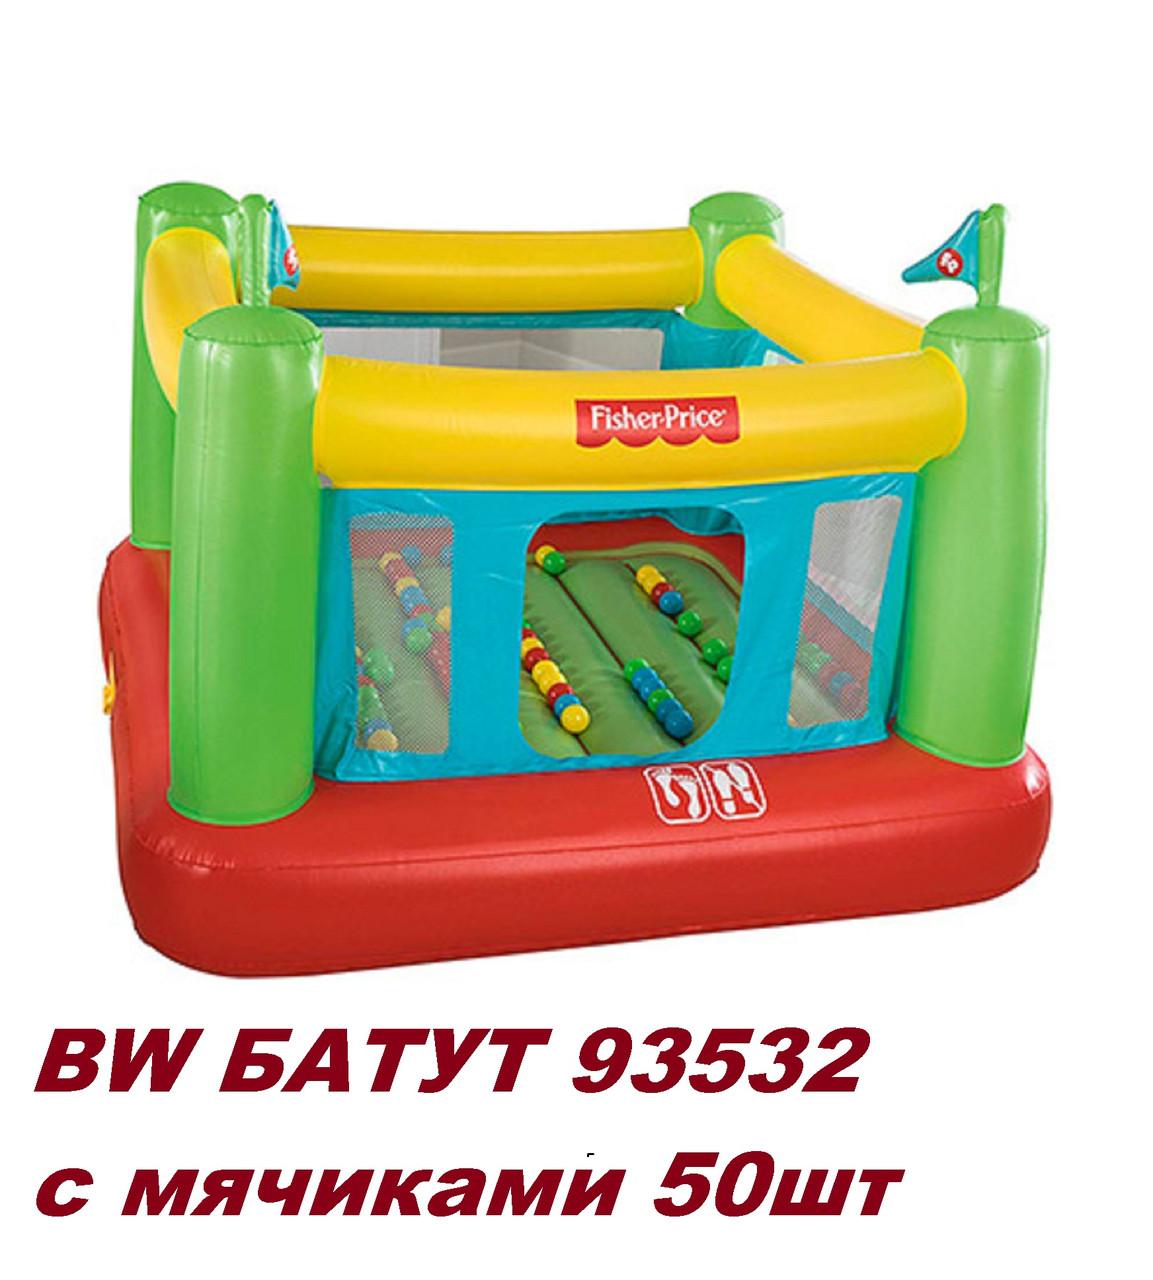 90a6812d8177 Купить BW БАТУТ 93532 ИГРОВОЙ ЦЕНТР КРЕПОСТЬ в Украине, BW БАТУТ ...